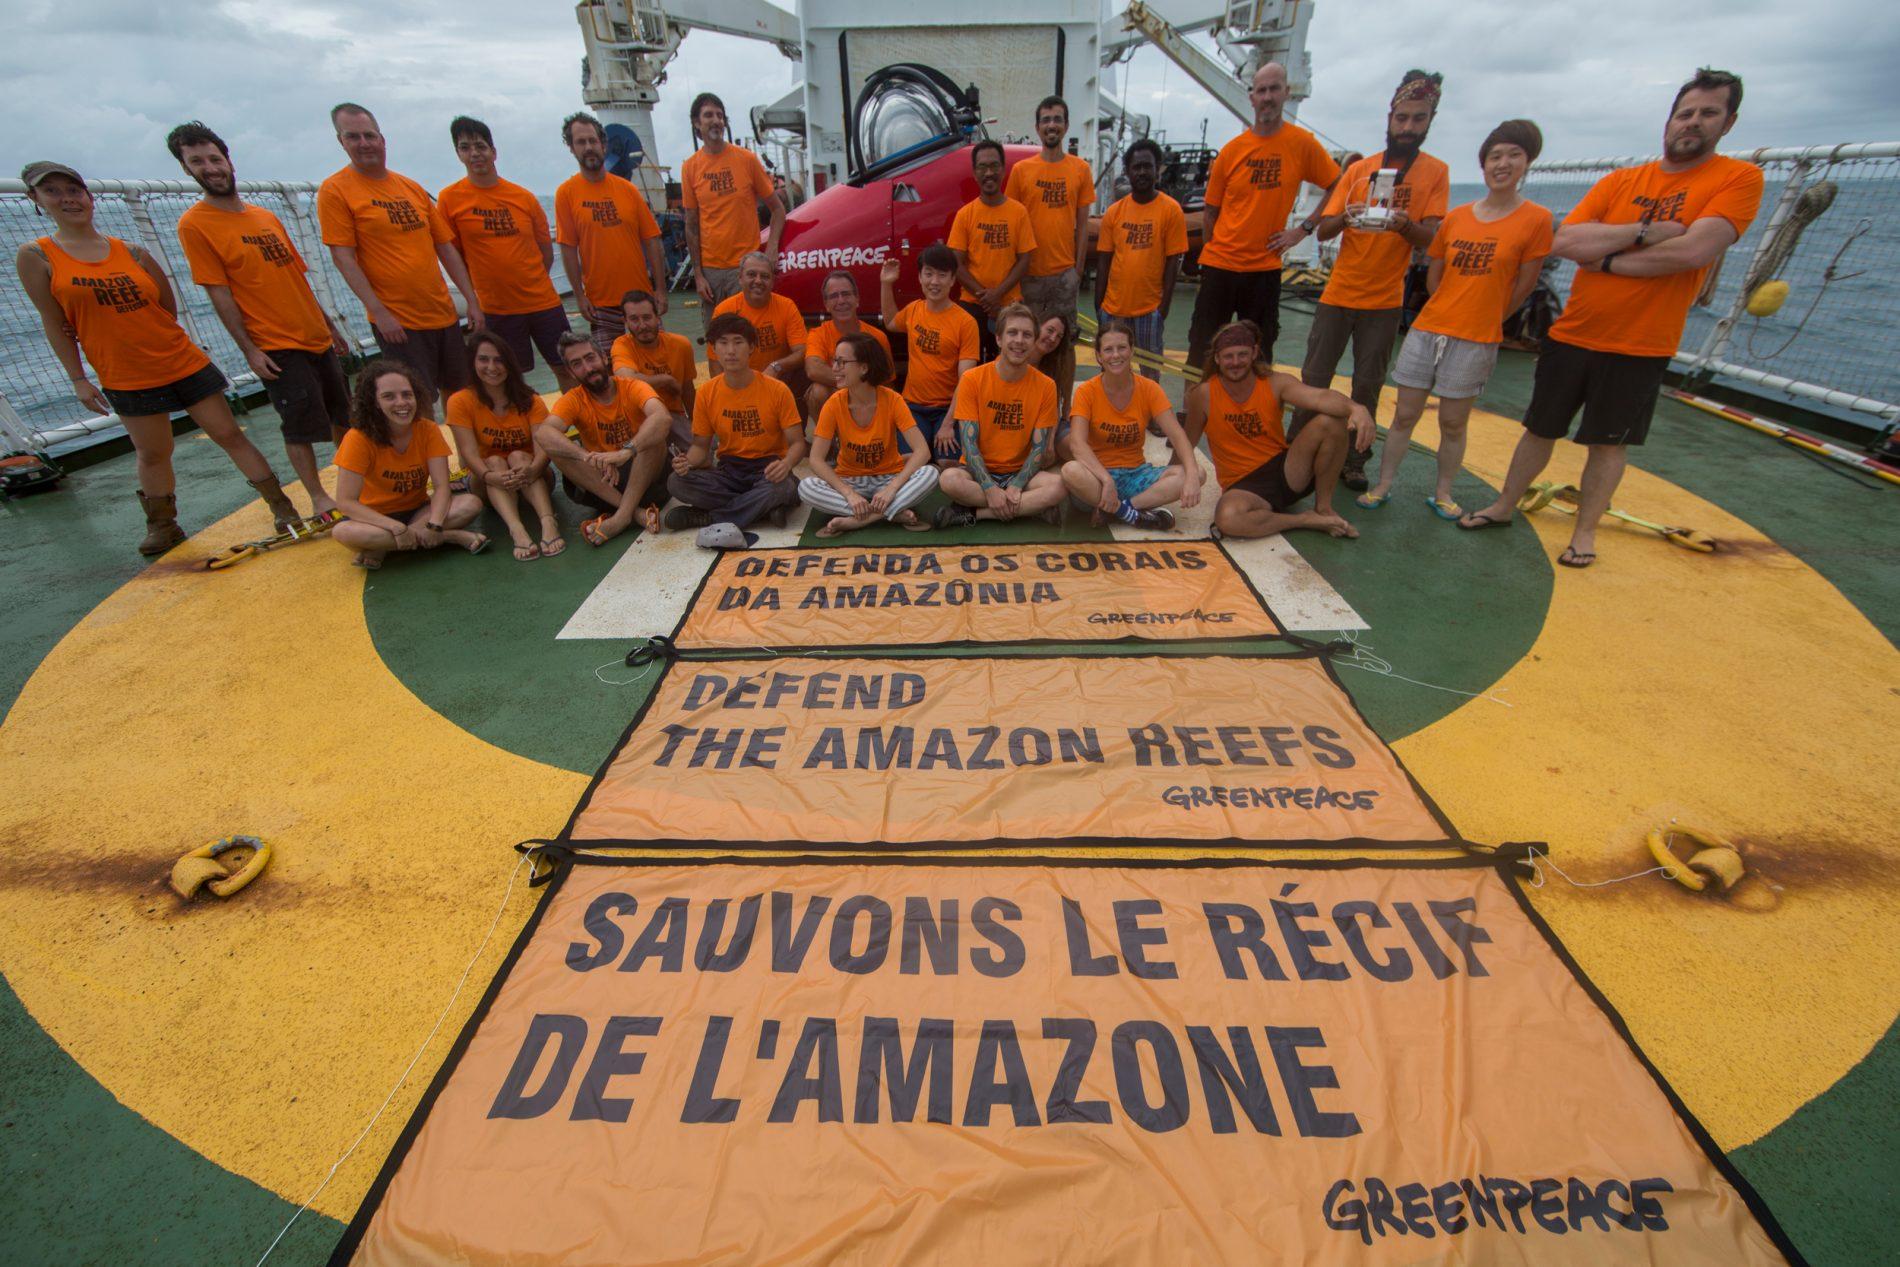 """Esperanza, um dos três navios do Greenpeace, está na região da foz do rio Amazonas, no Amapá, para a campanha """"Defenda os Corais da Amazônia. O objetivo é observar debaixo d'água, pela primeira vez, os recifes de corais."""